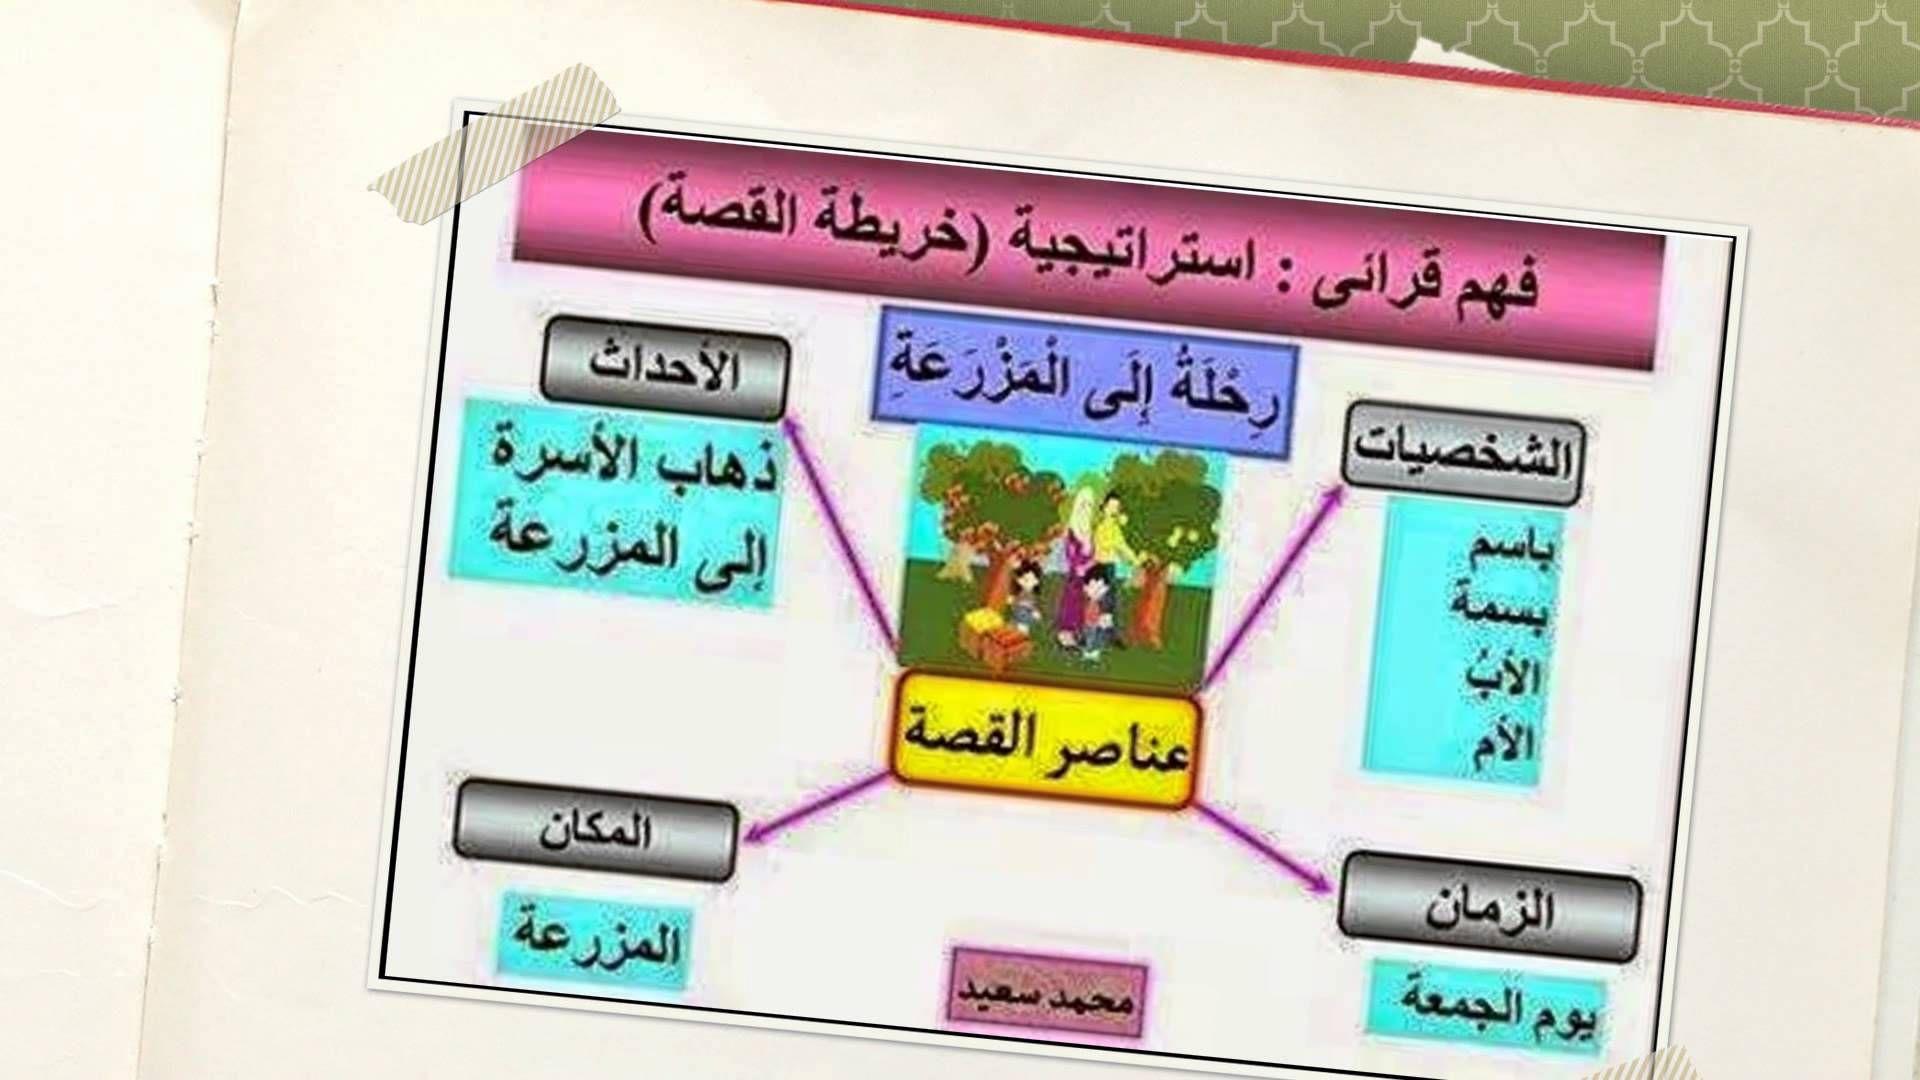 بوربوينت دورة الاسترتيجيات في التعلم النشط عائشة سعد الدين Tetris